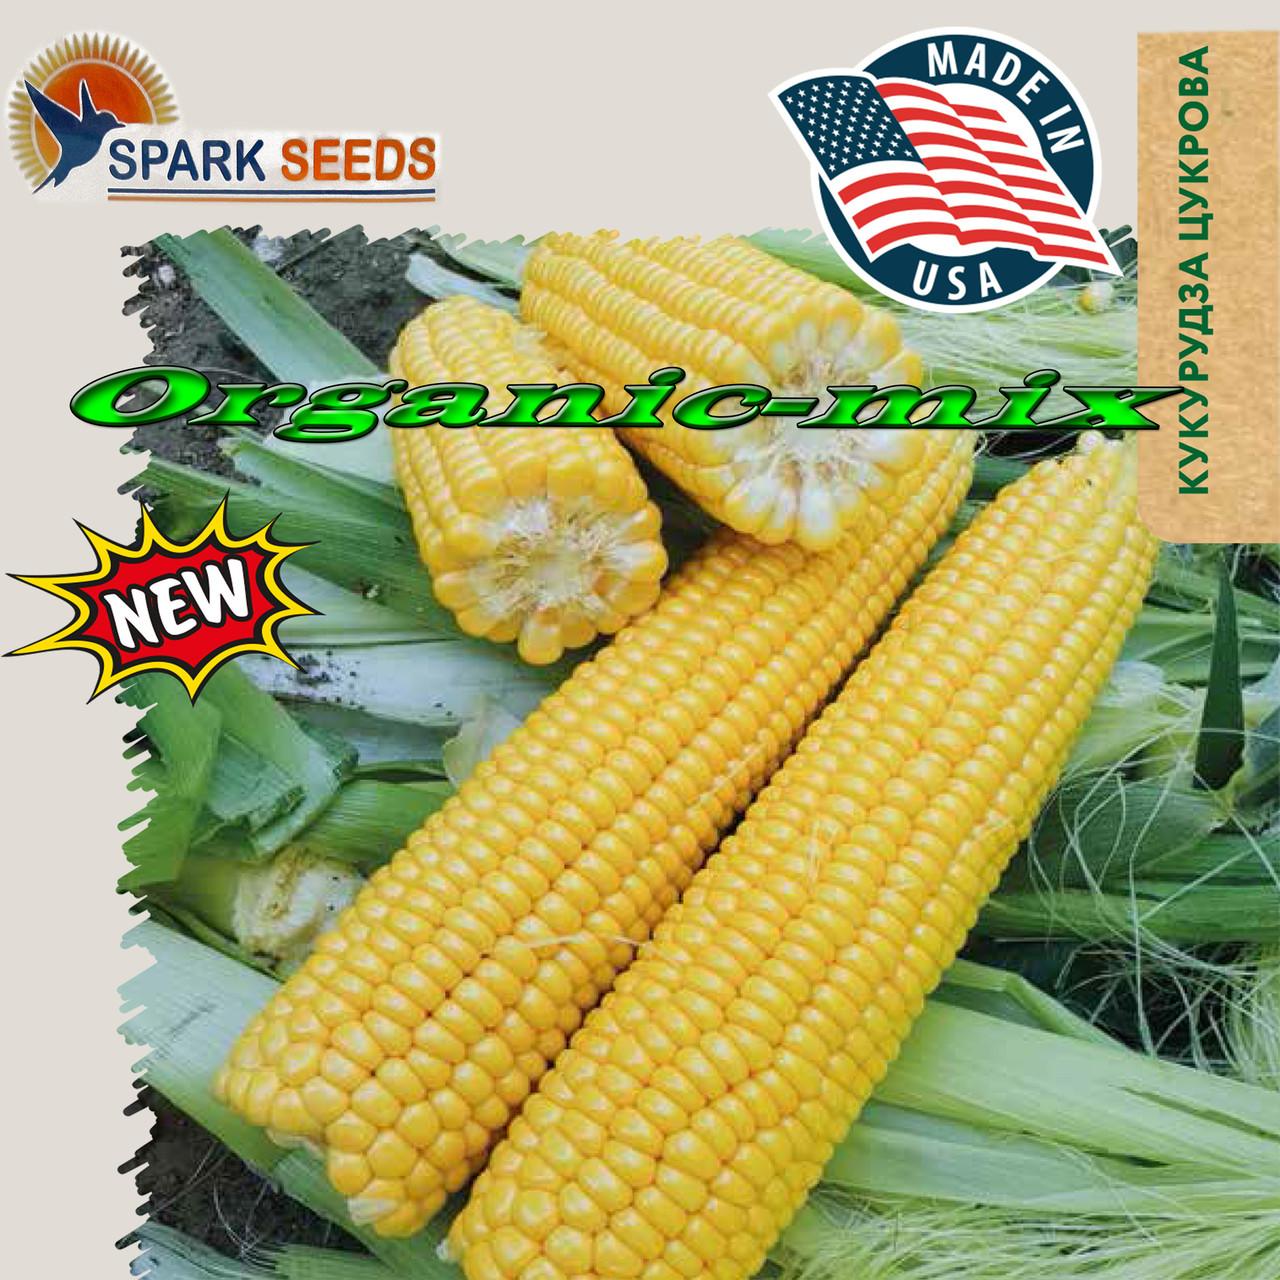 Ранняя, мощная сахарная кукуруза 1860 F1 (США), фермерская упаковка (2500 семян)